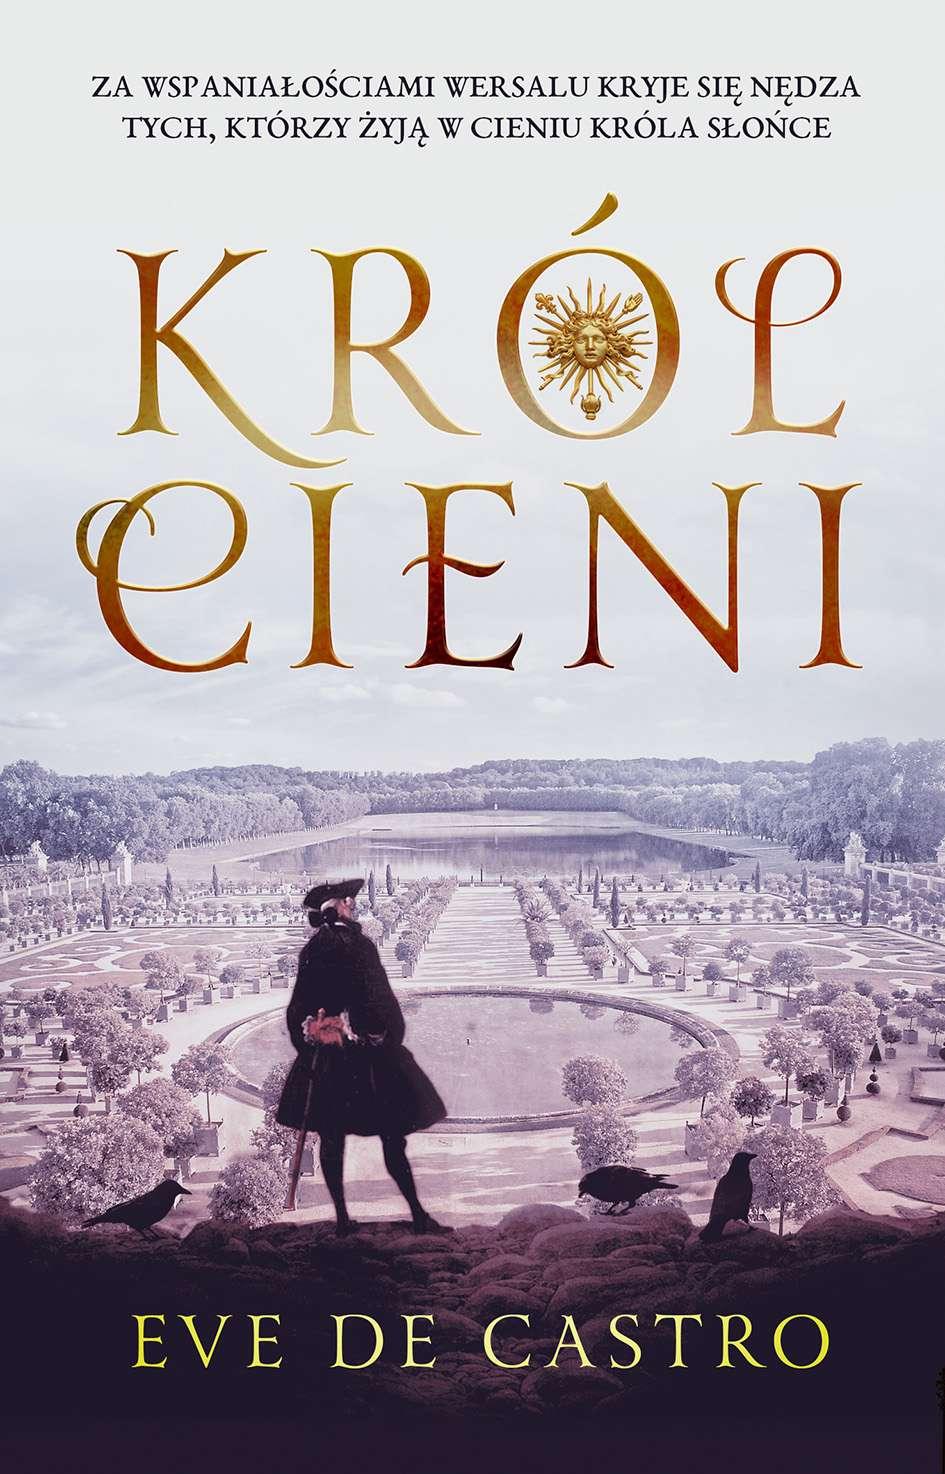 Król cieni - Ebook (Książka na Kindle) do pobrania w formacie MOBI